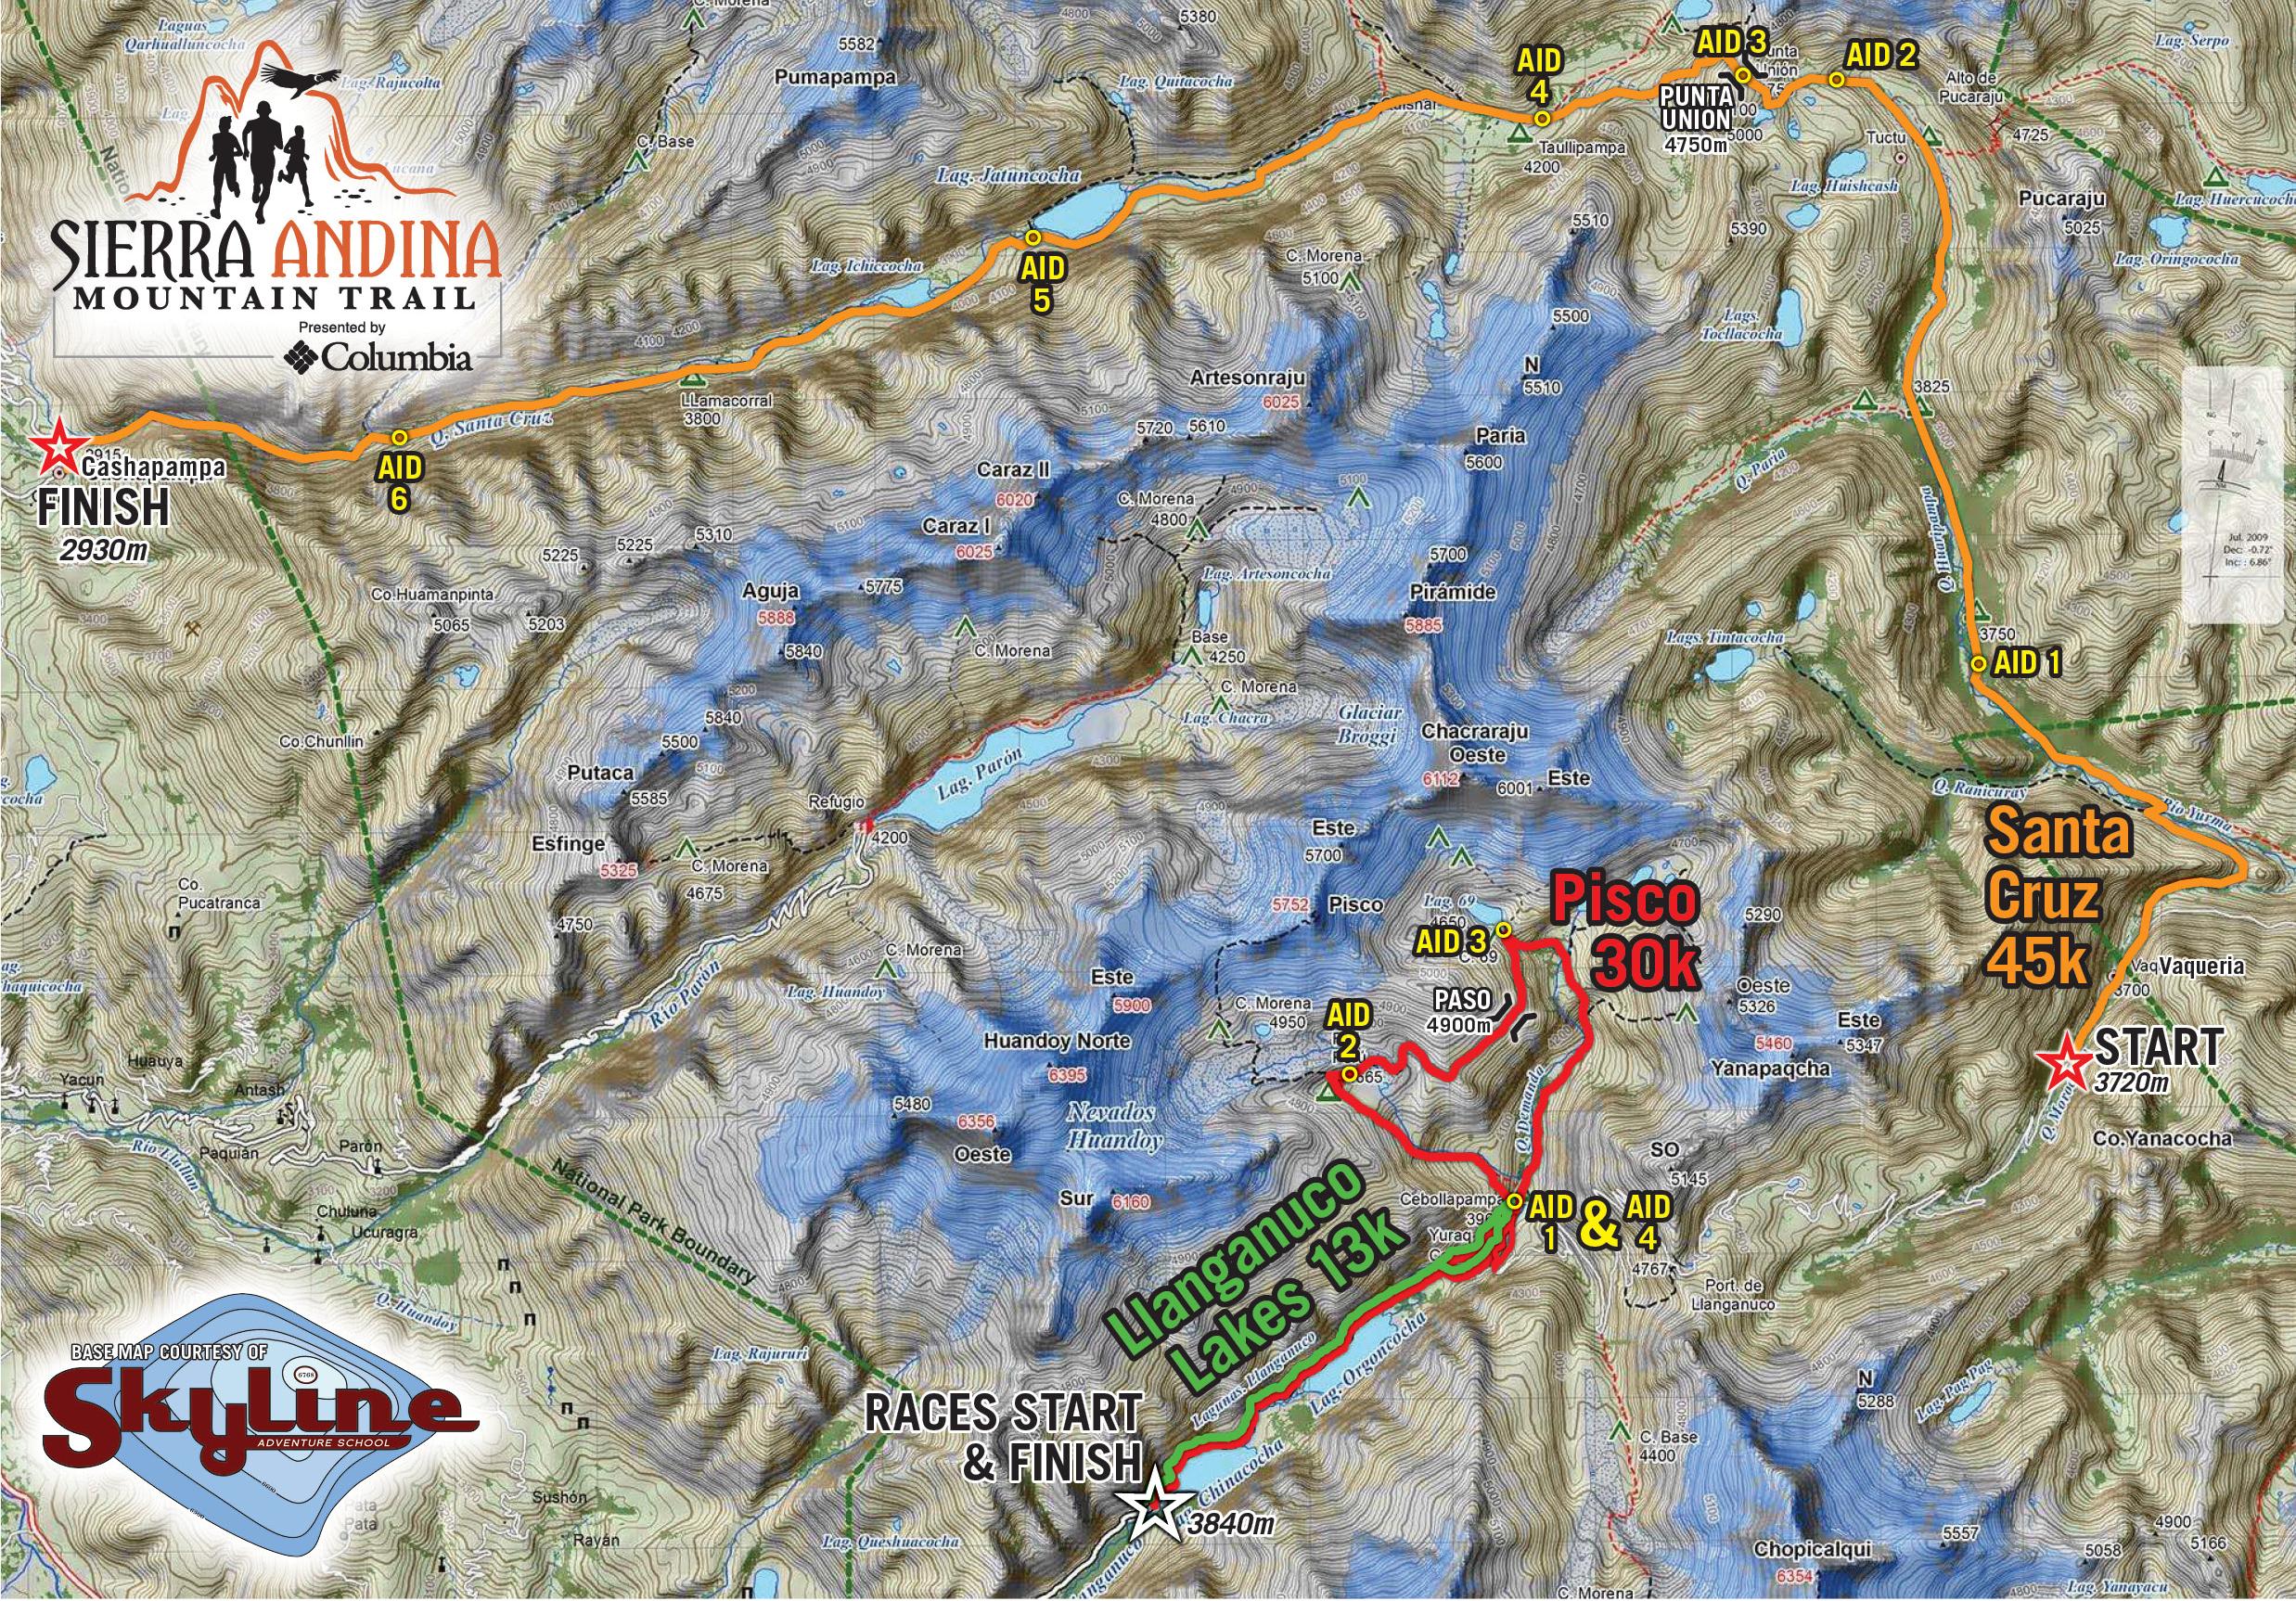 13k 30k 45k Map copy.jpg